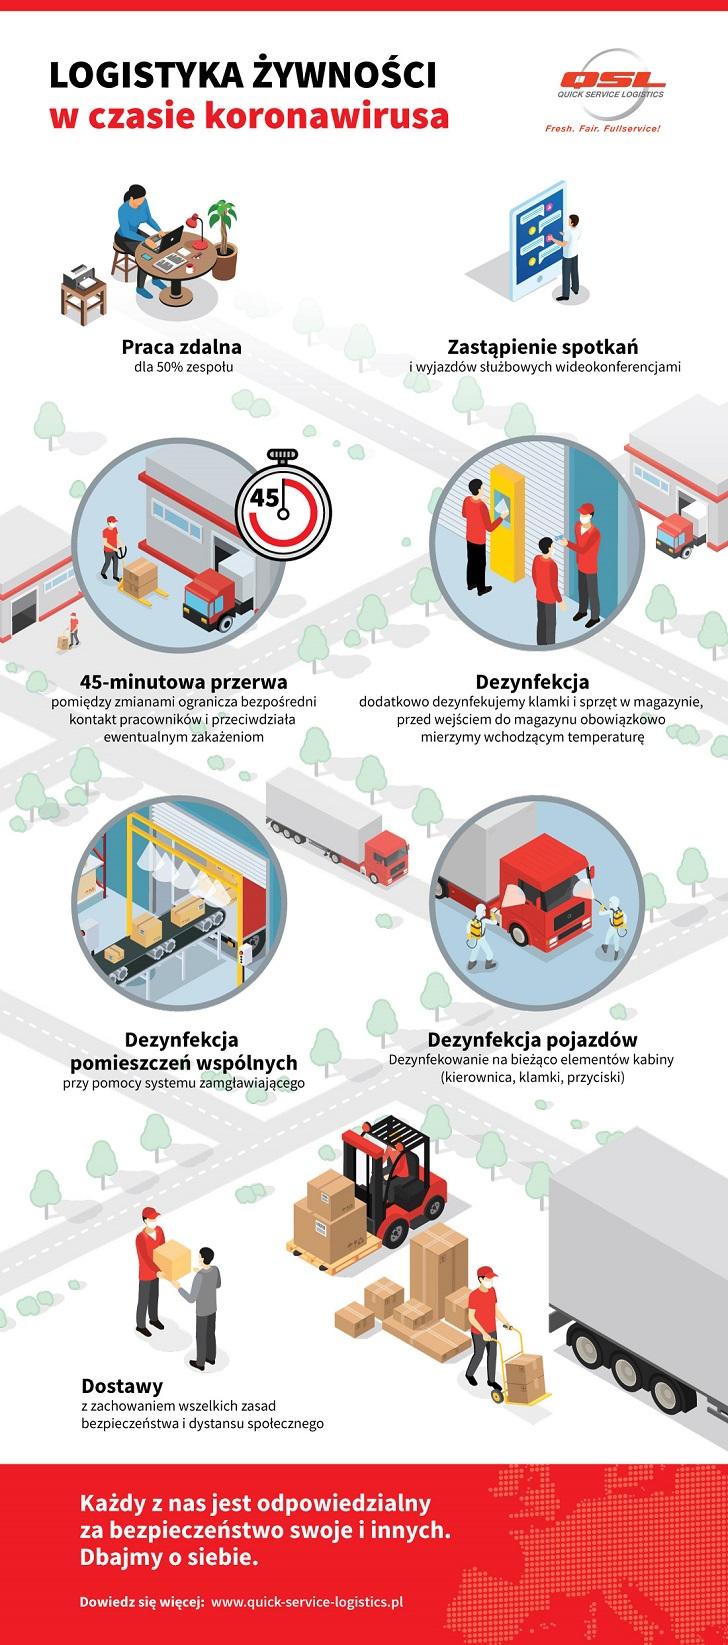 Logistyka żywności w czasie pandemii - procedury i obostrzenia - infografika